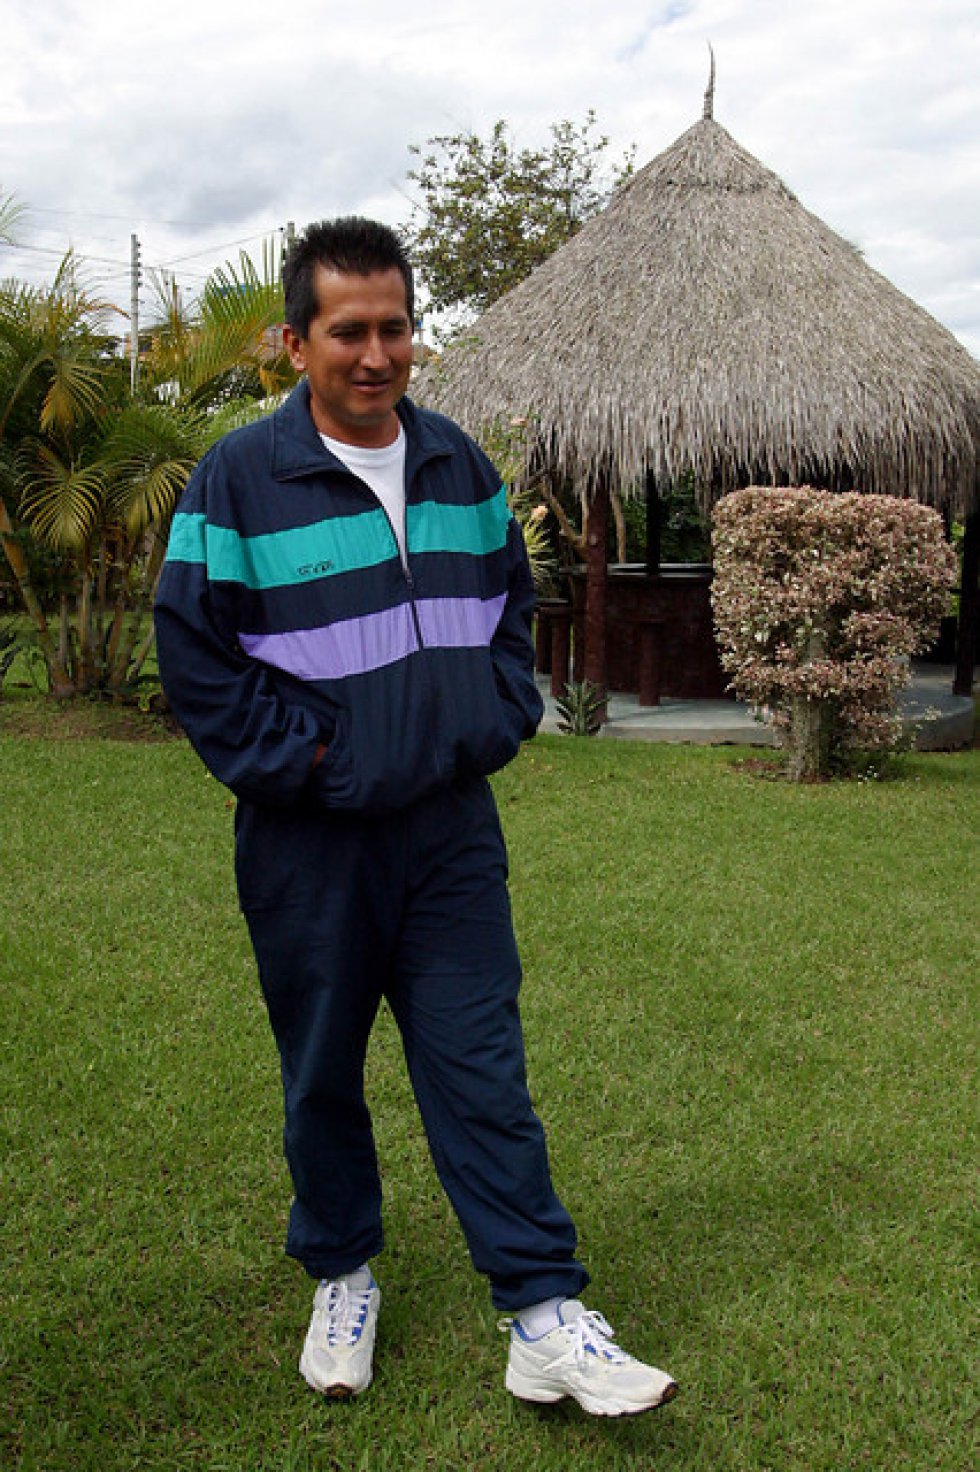 'Lucho' Herrera: En imágenes: la carrera de 'Lucho' Herrera quien lucha contra un cáncer